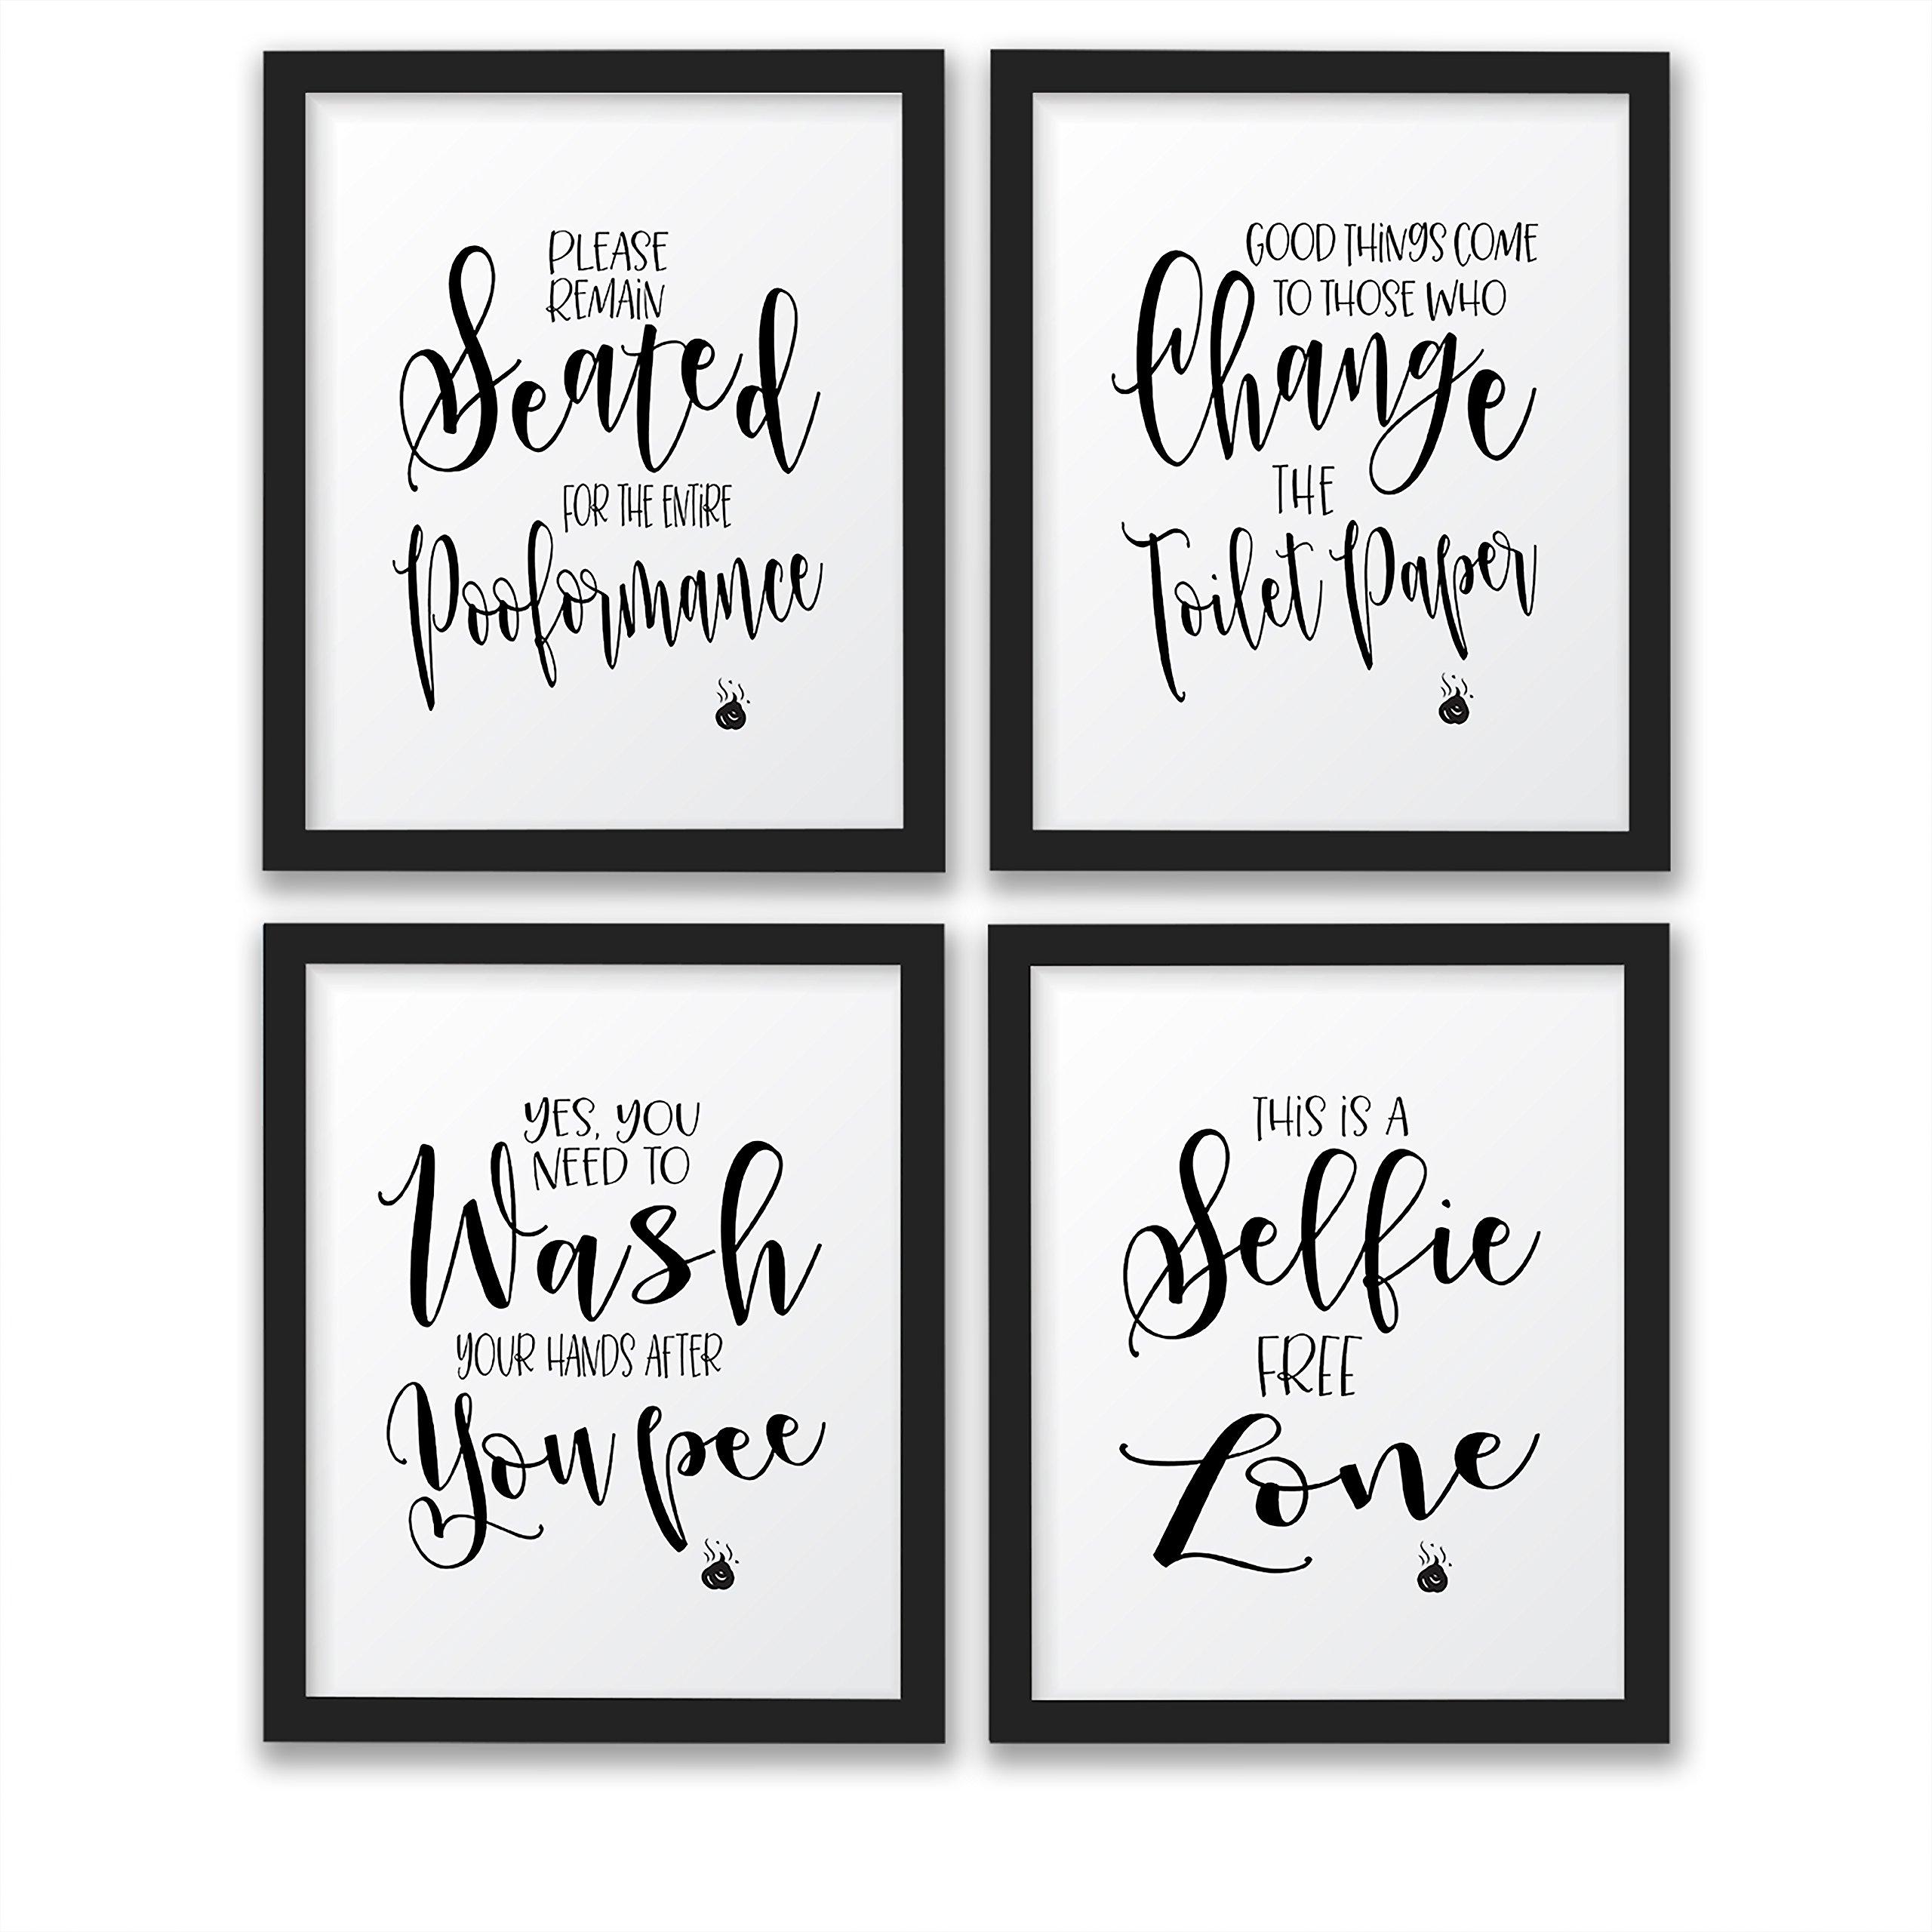 The John Funny Bathroom Wall Decor Signs/Quotes Set, Art Prints